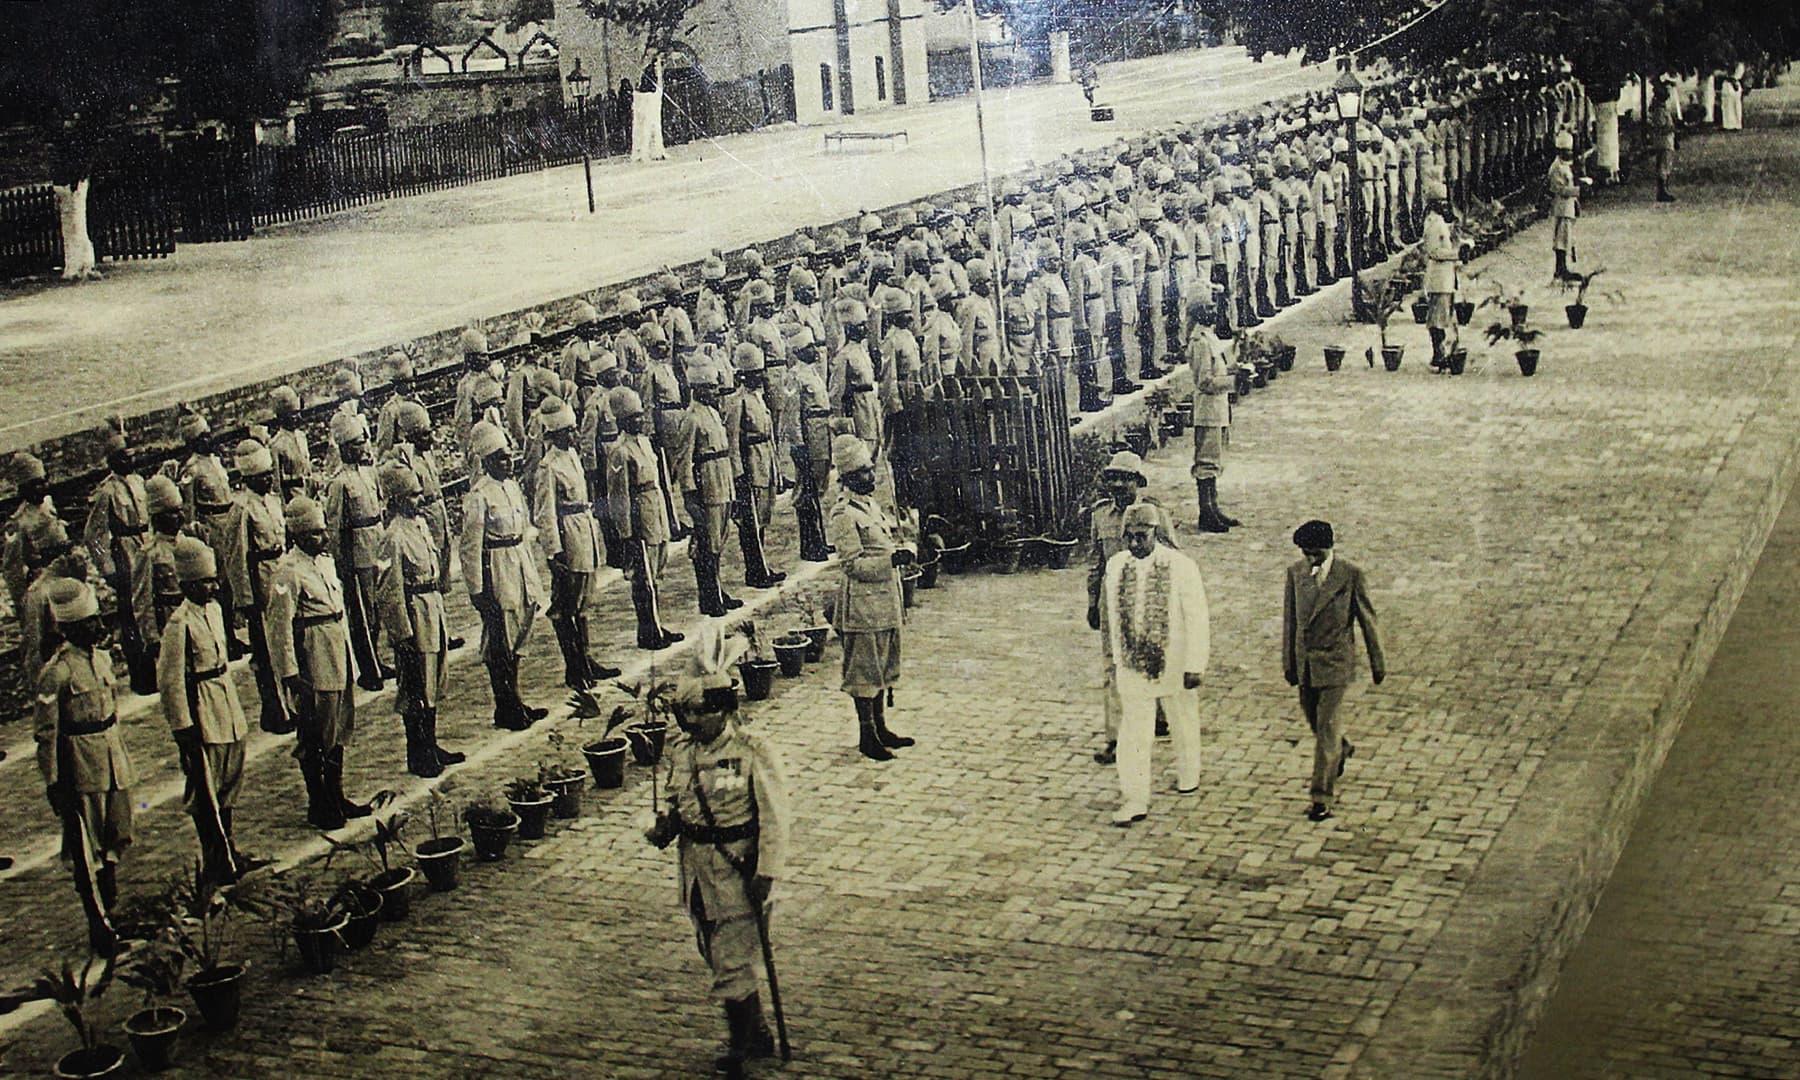 پاکستان کے پہلے وزیرِاعظم لیاقت علی خان نے بھی فیض محل کا دورہ کیا تھا— تصویر اختر حفیظ